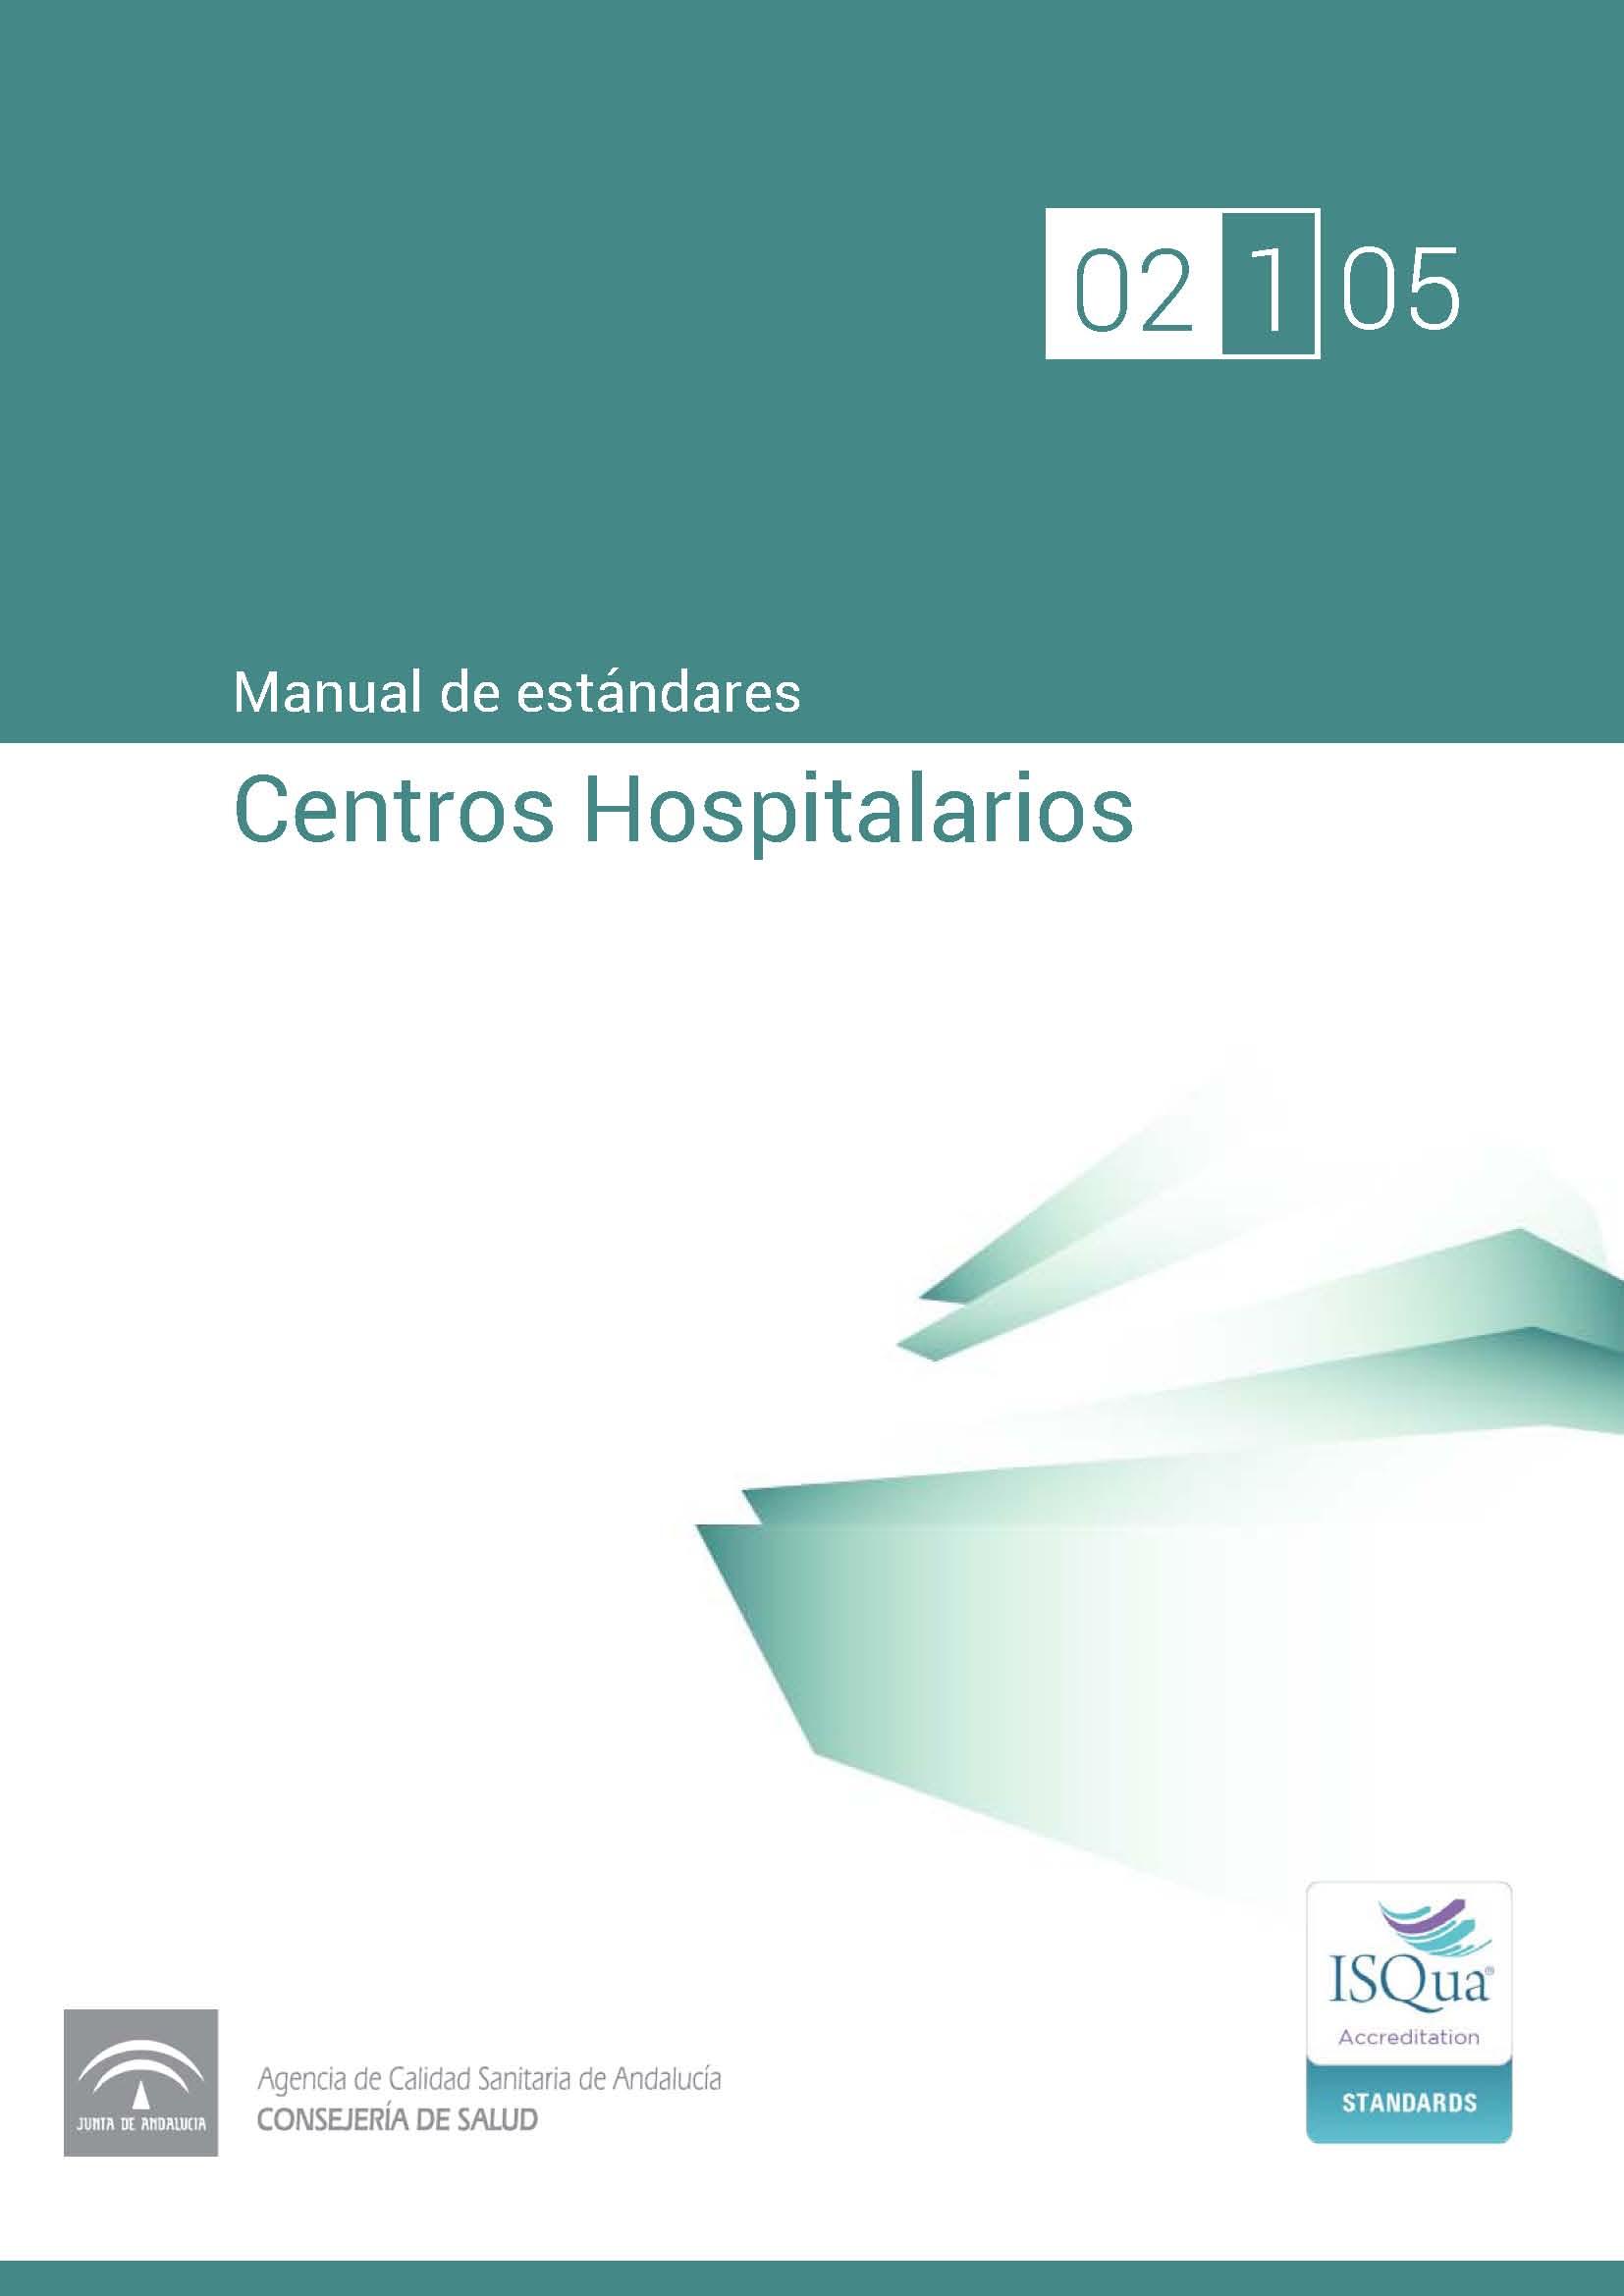 Manual de estándares de centros hospitalarios